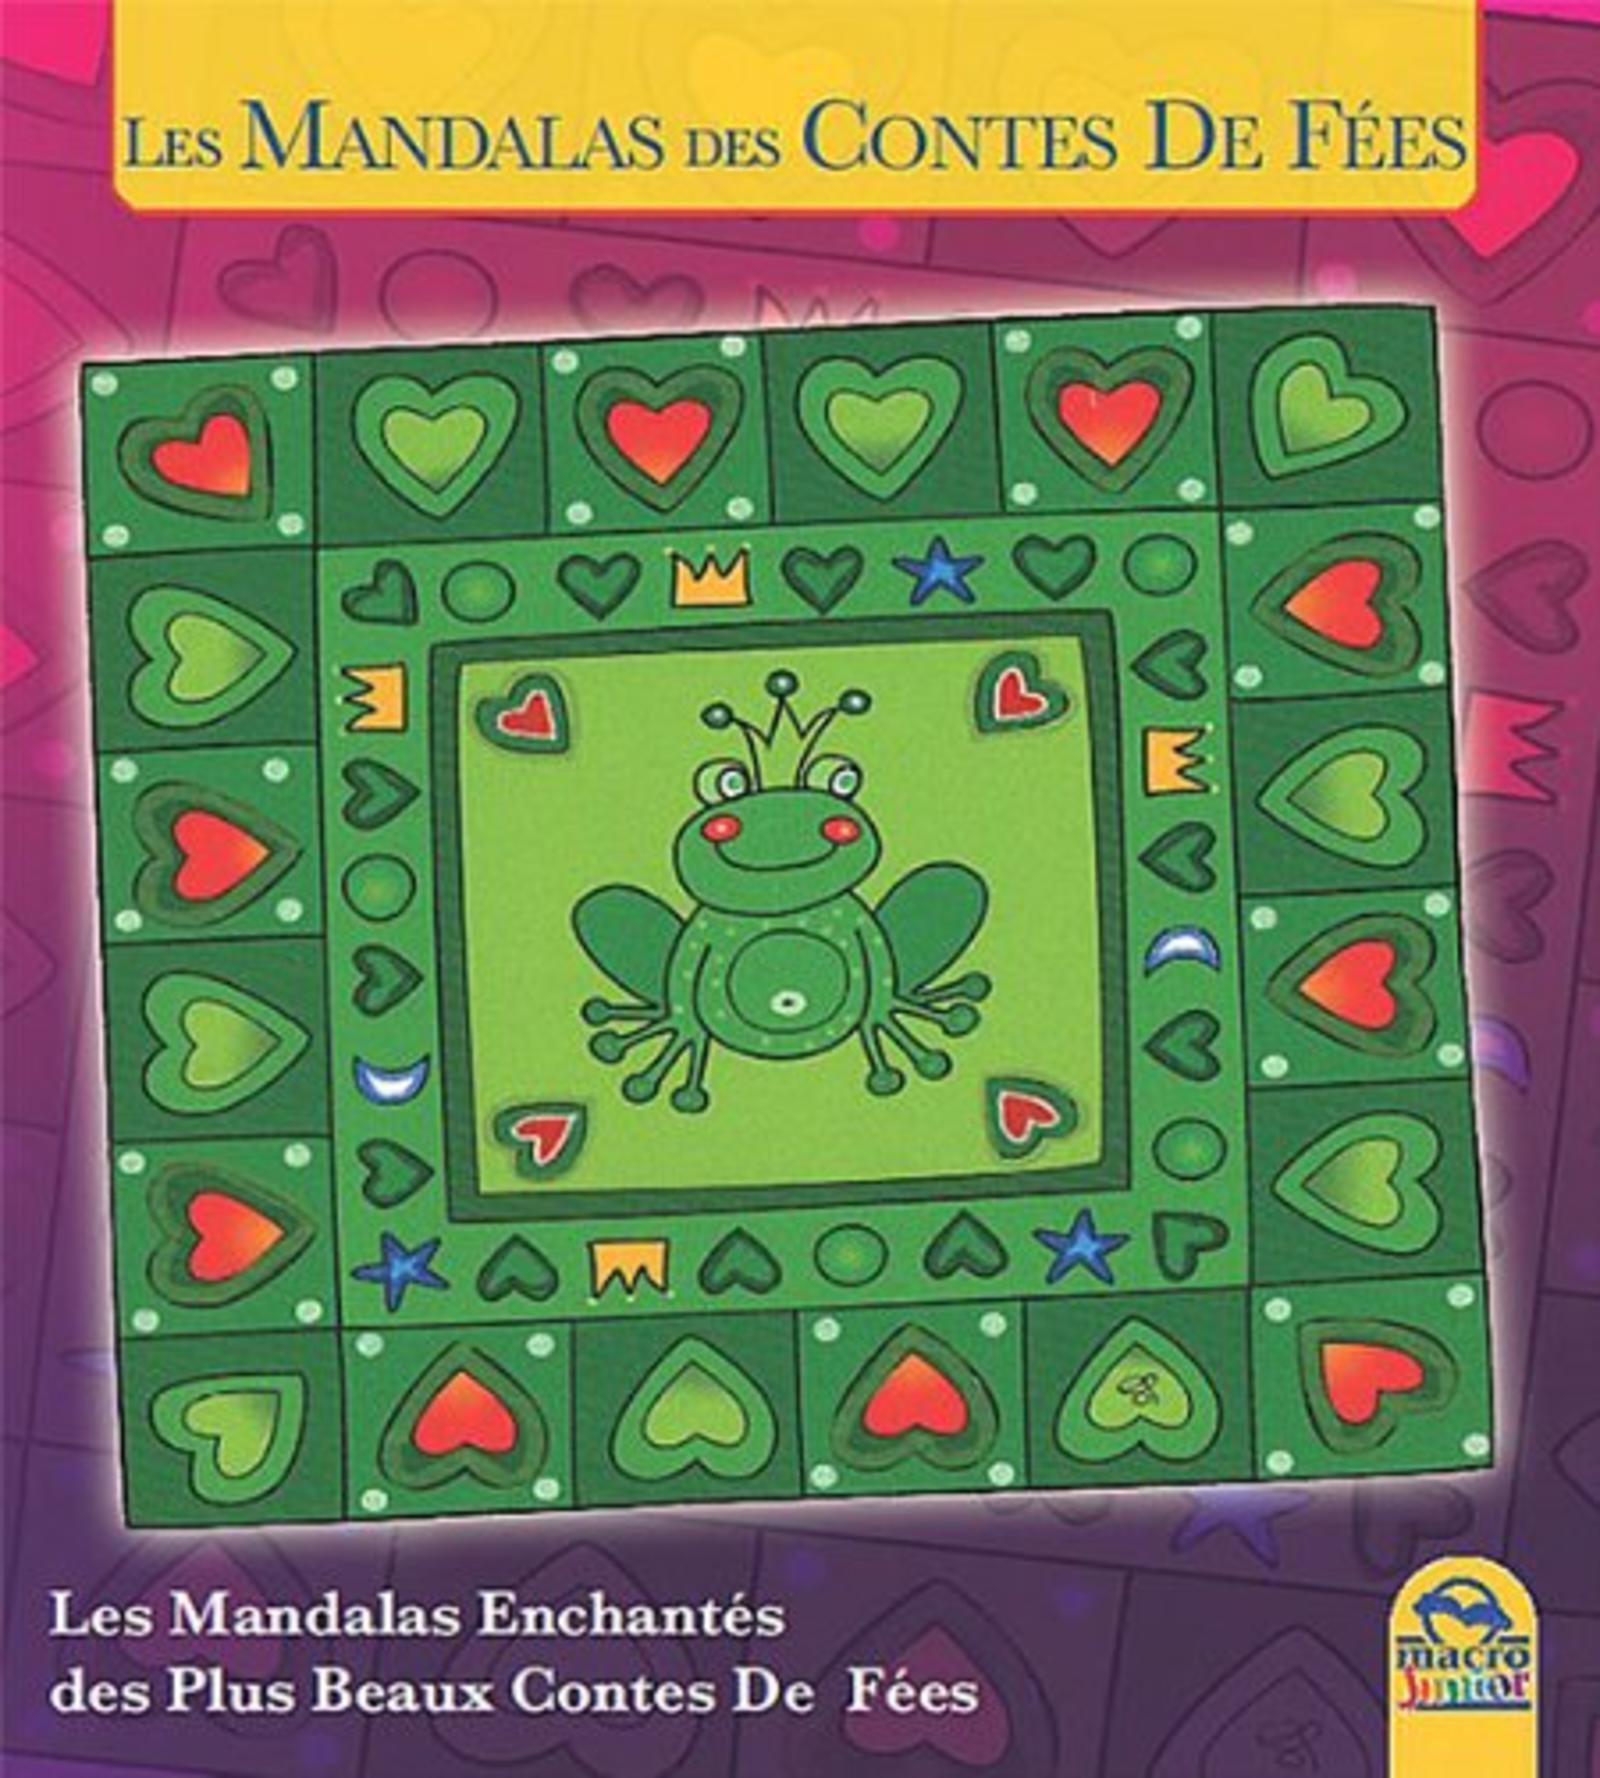 LES MANDALAS DES CONTES DE FEES